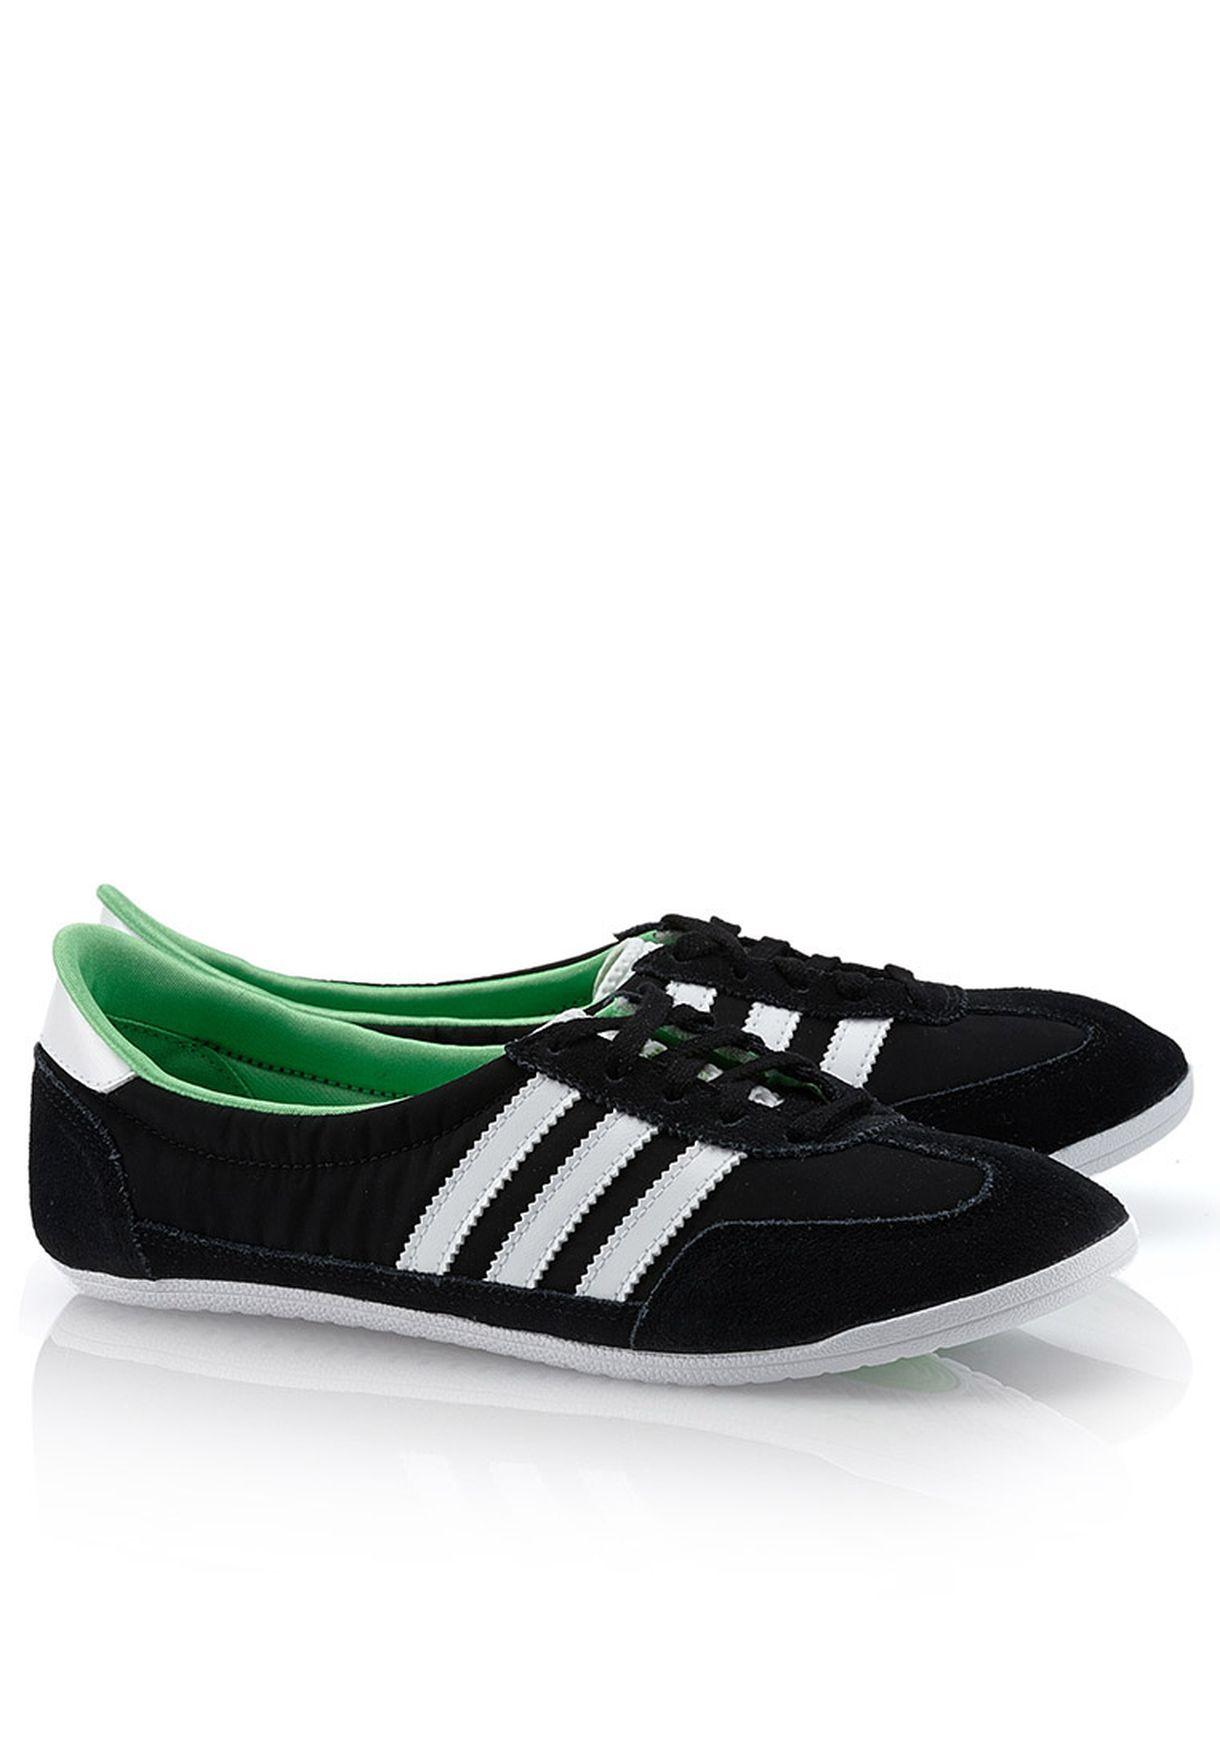 Buy adidas Originals black SL72